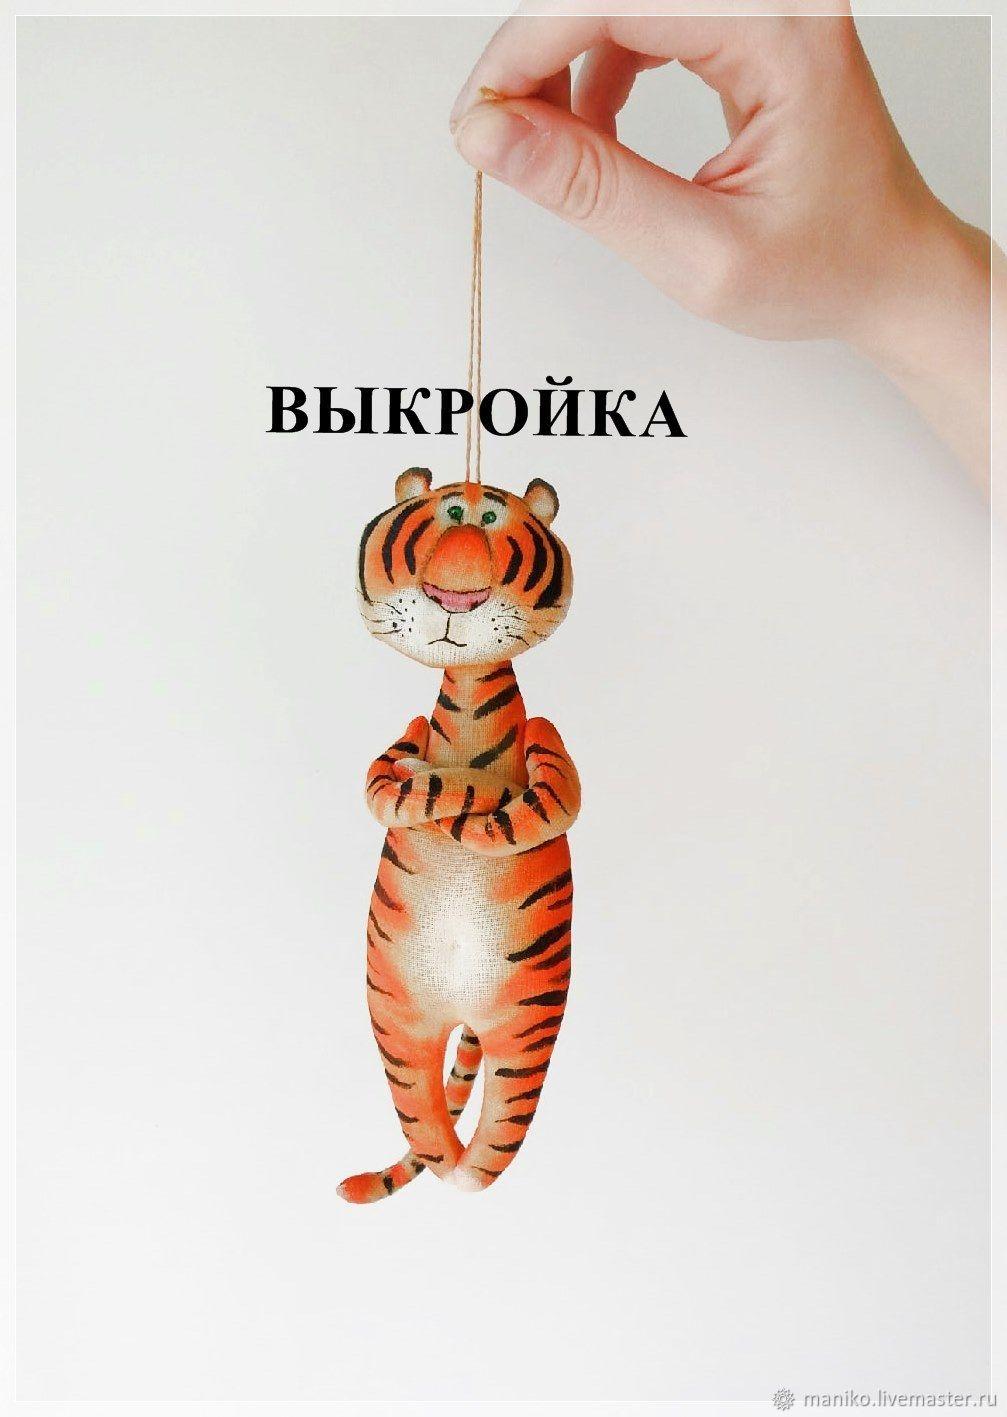 Выкройка Тигра, Мягкие игрушки, Ярославль,  Фото №1